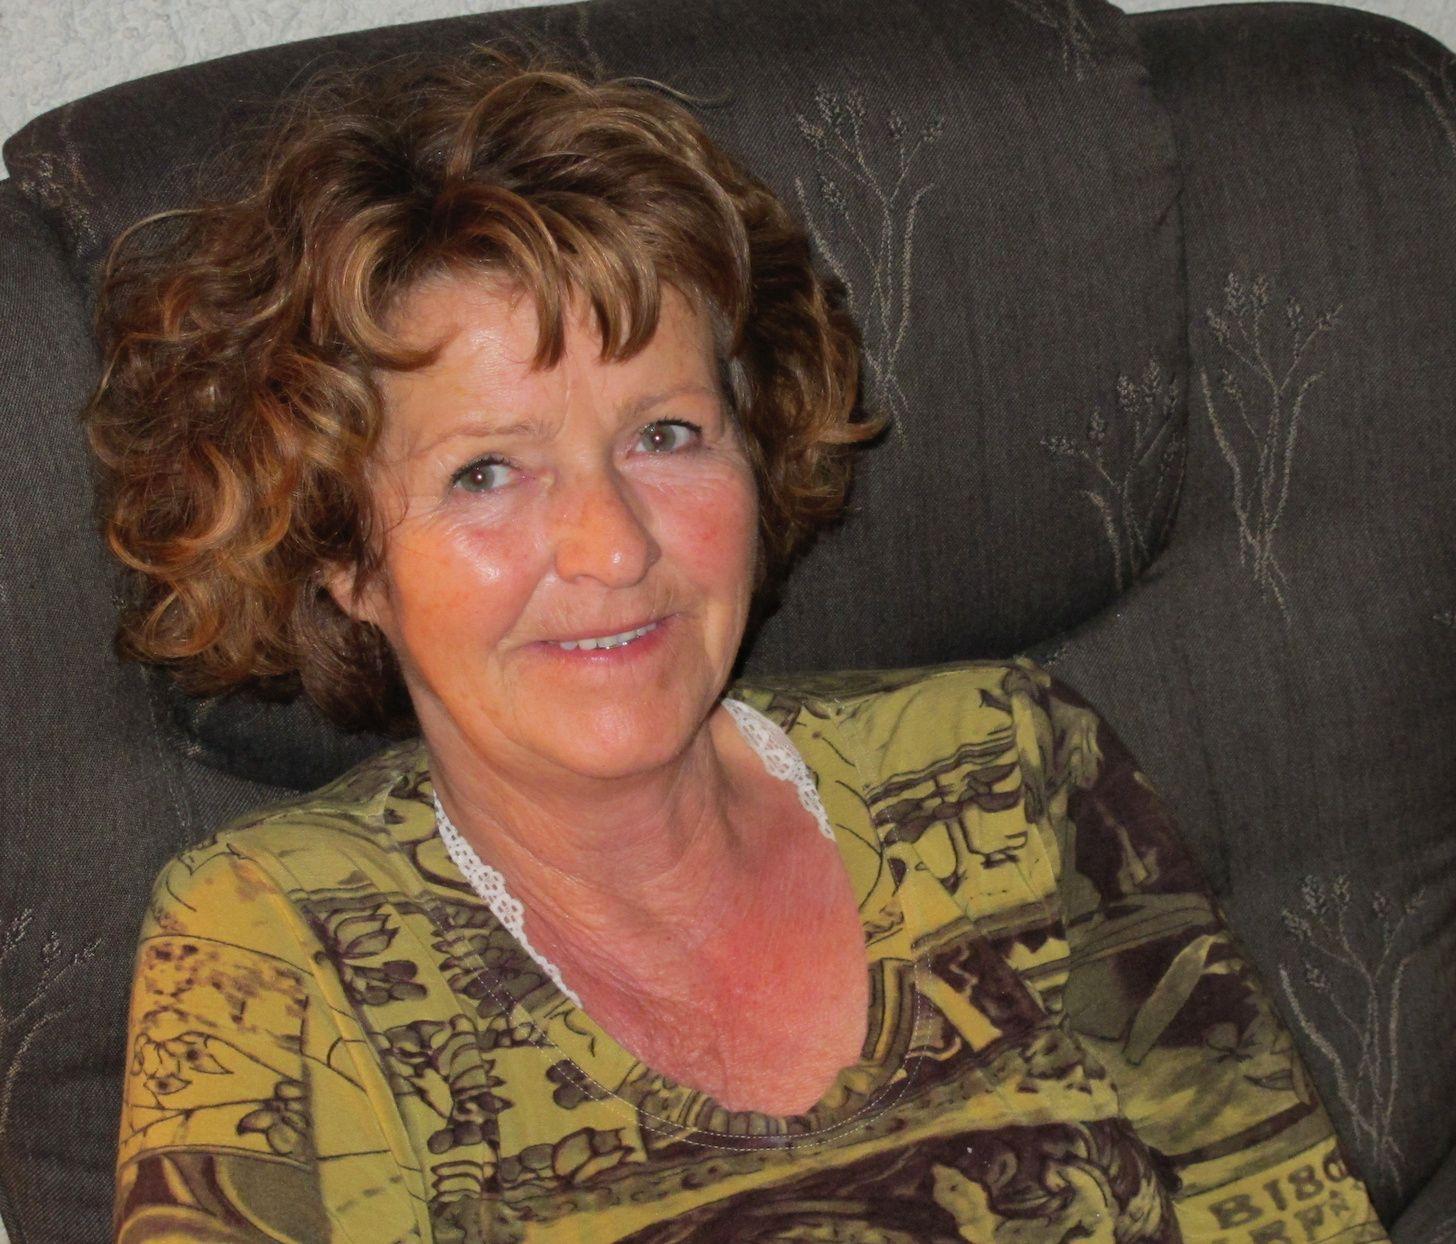 BORTE: Anne-Elisabeth Hagen (68) har vært savnet i over hundre dager. Siste sikre livstegn er en telefonsamtale klokken 09.14 onsdag 31. oktober i fjor.